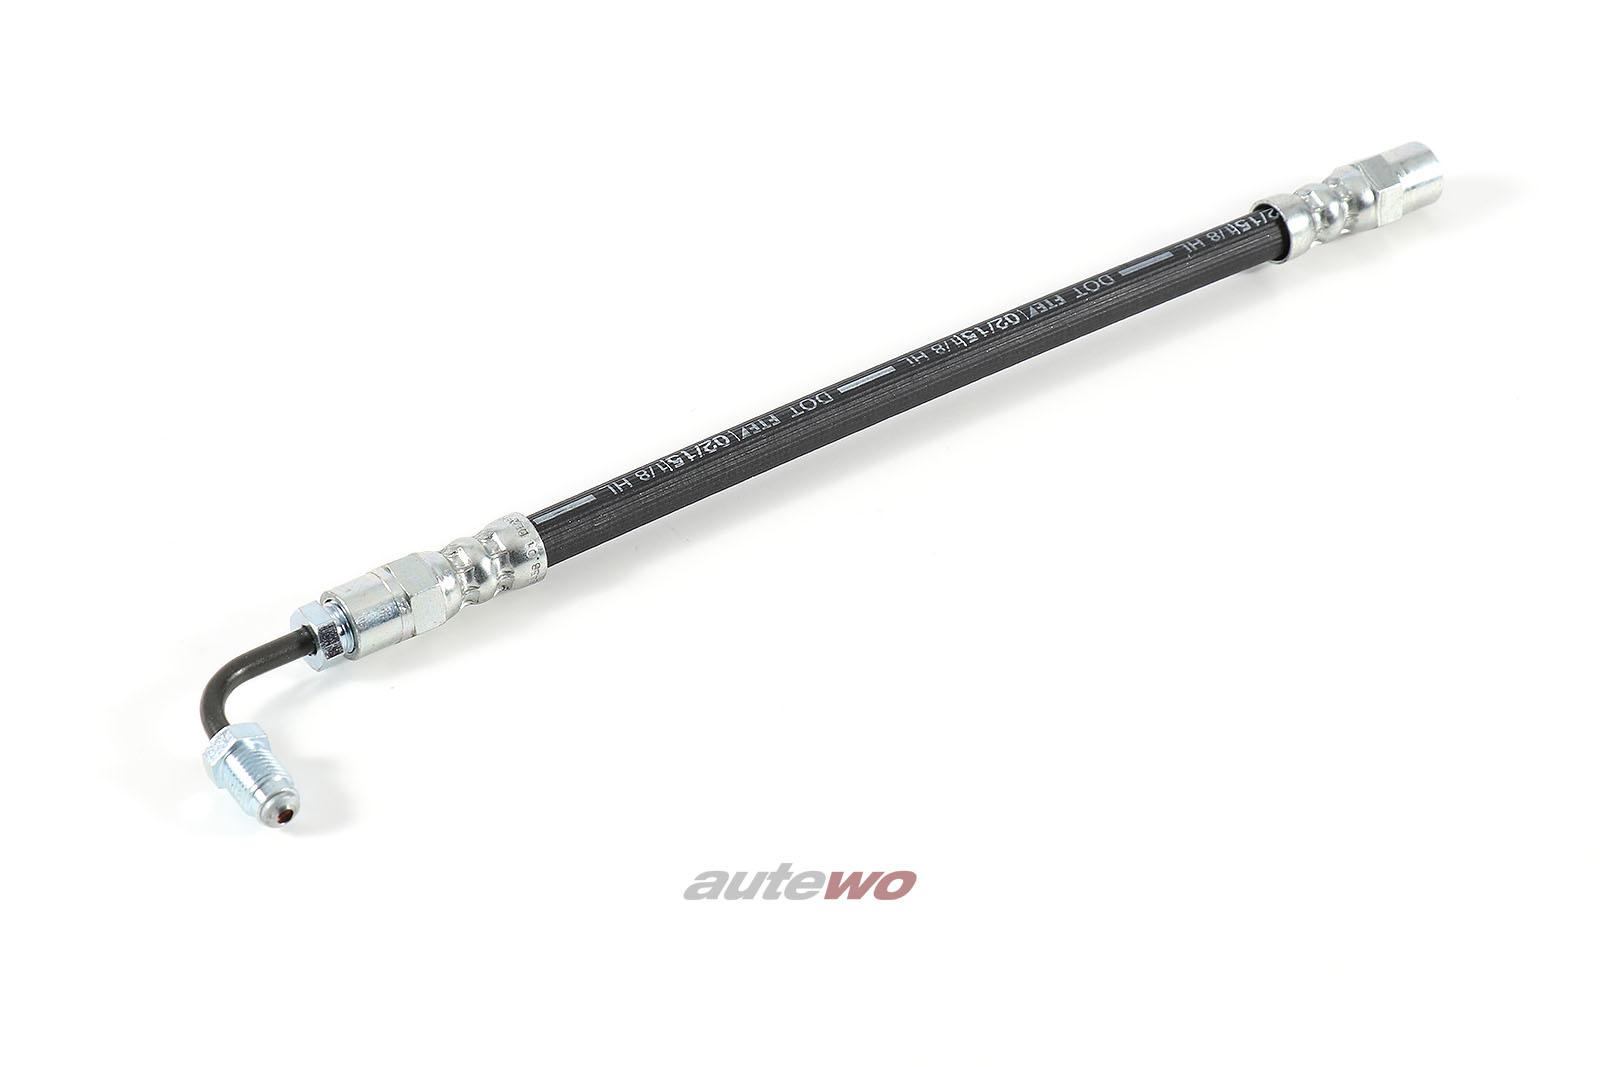 8A0611769 NEU Audi RS2 P1 Bremsleitung/Rohr-/Schlauchleitung Hinten